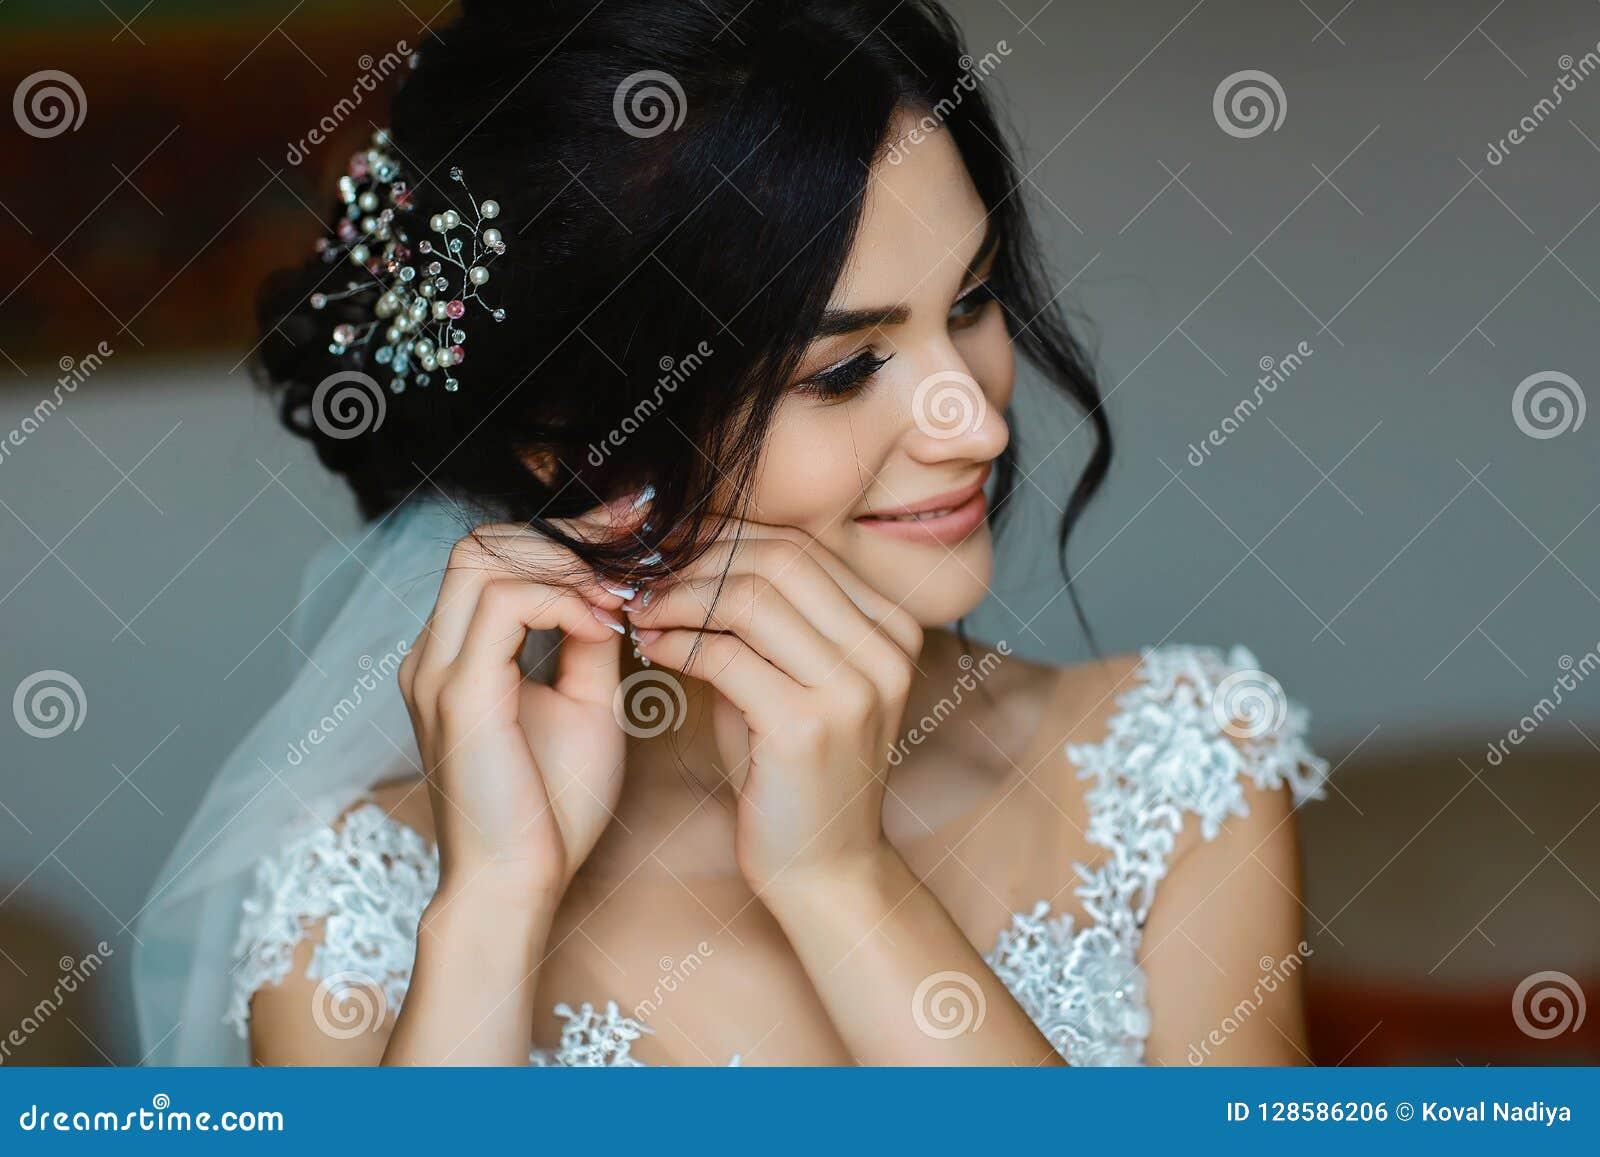 Ślubni kolczyki na żeńskiej ręce są ubranym, ona biorą kolczyki pann młodych opłaty, ranek panna młoda, kobieta w biel sukni